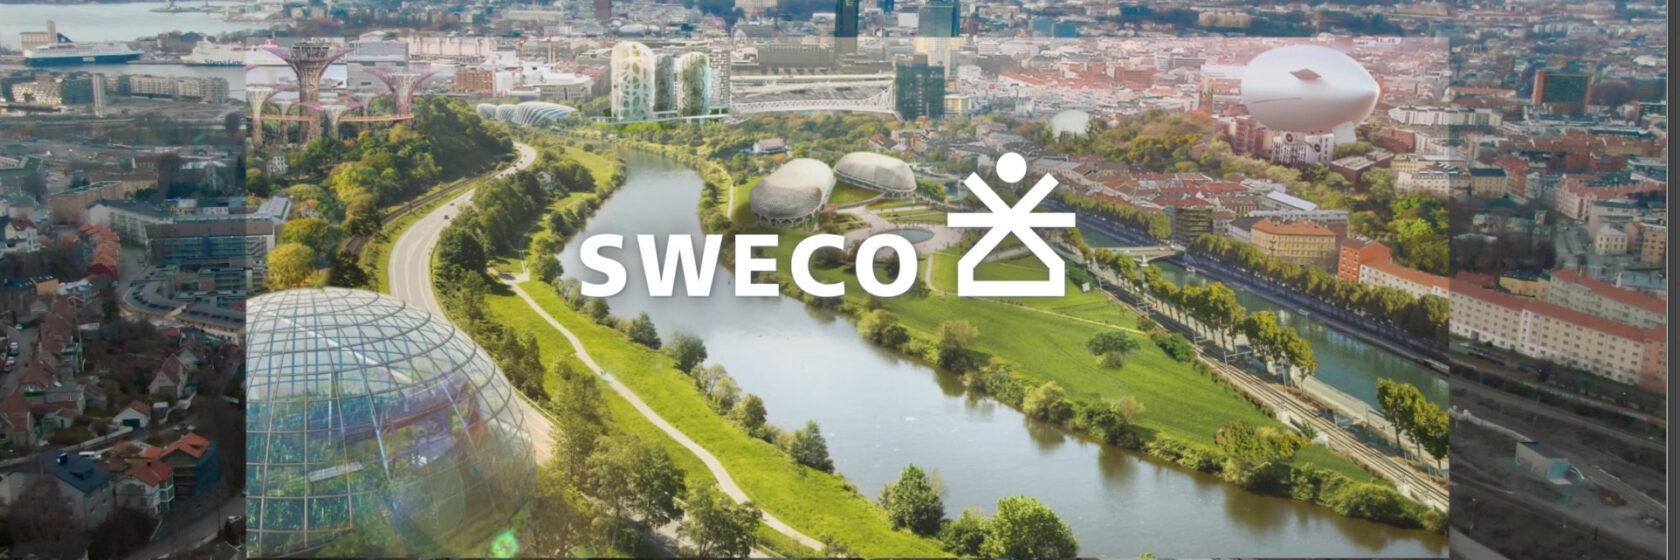 Skjermdump fra fremtidsbilde fra Swecos kampanjevideo